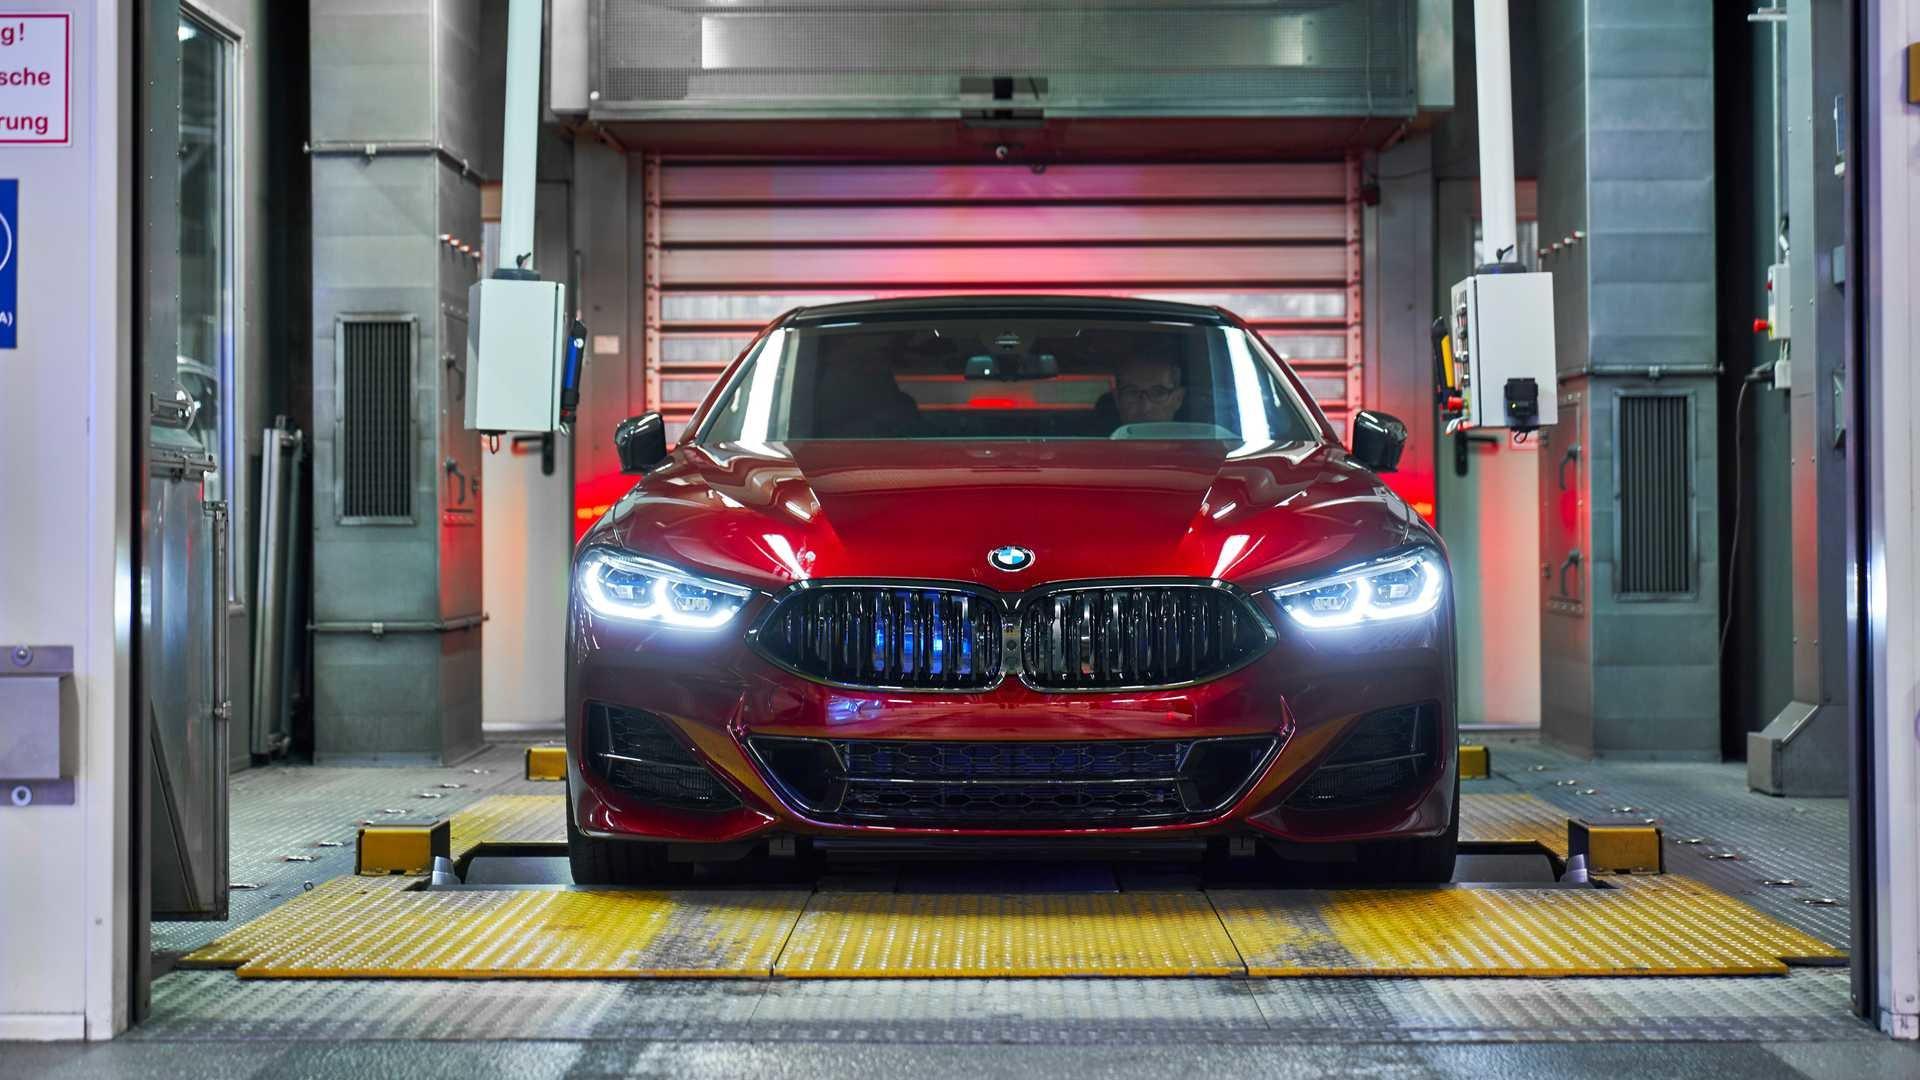 BMW показала фотографии первых экземпляров 8 Series Gran Coupe, и они выглядят «вкусно» автомобили,автомобиль,автоновости,НОВОСТИ